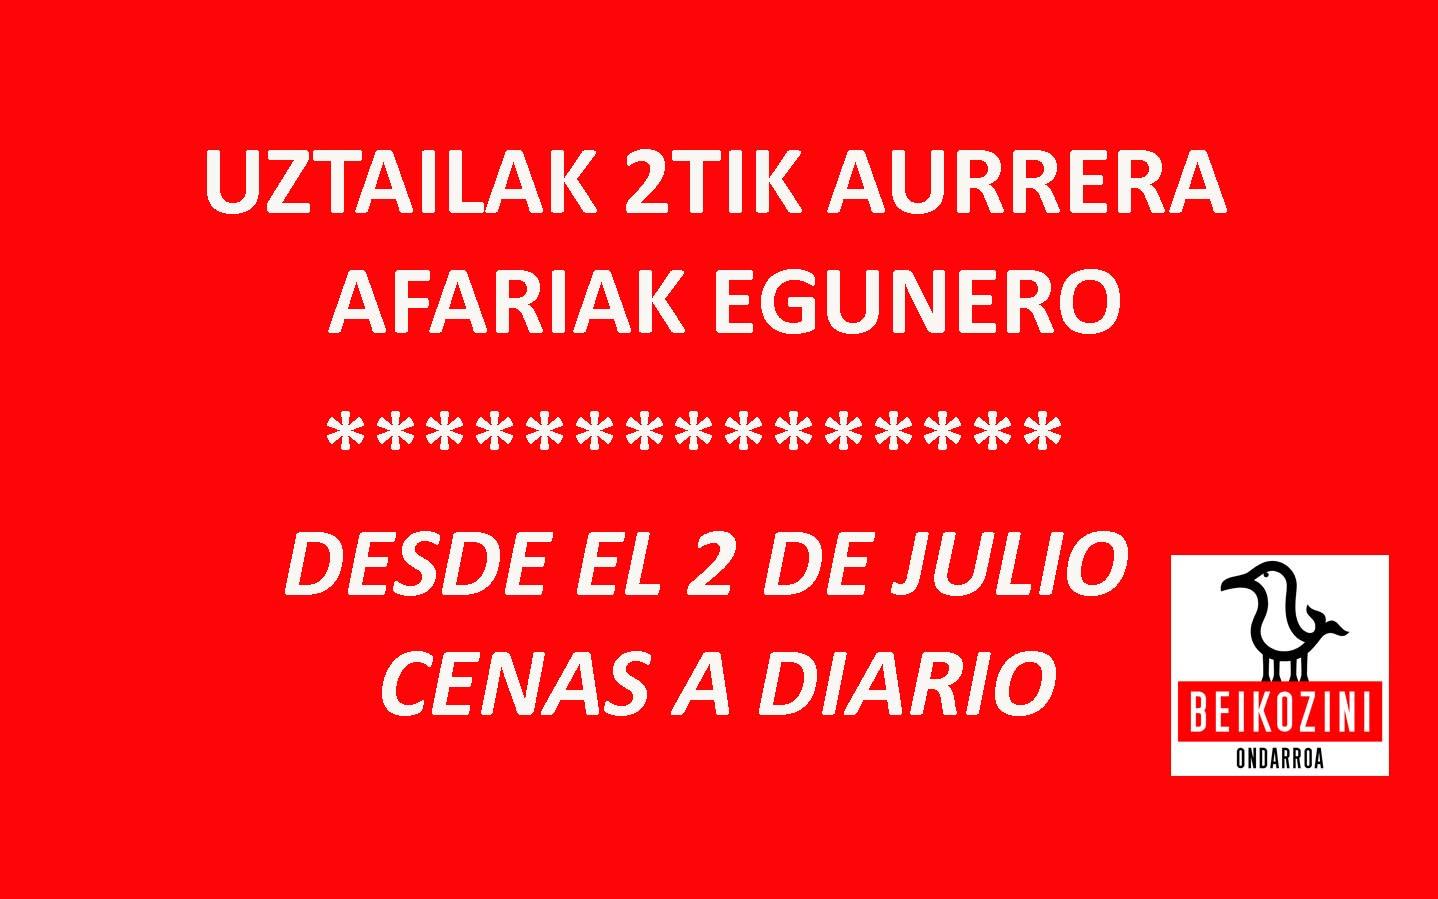 AFARIAK-EGUNERO